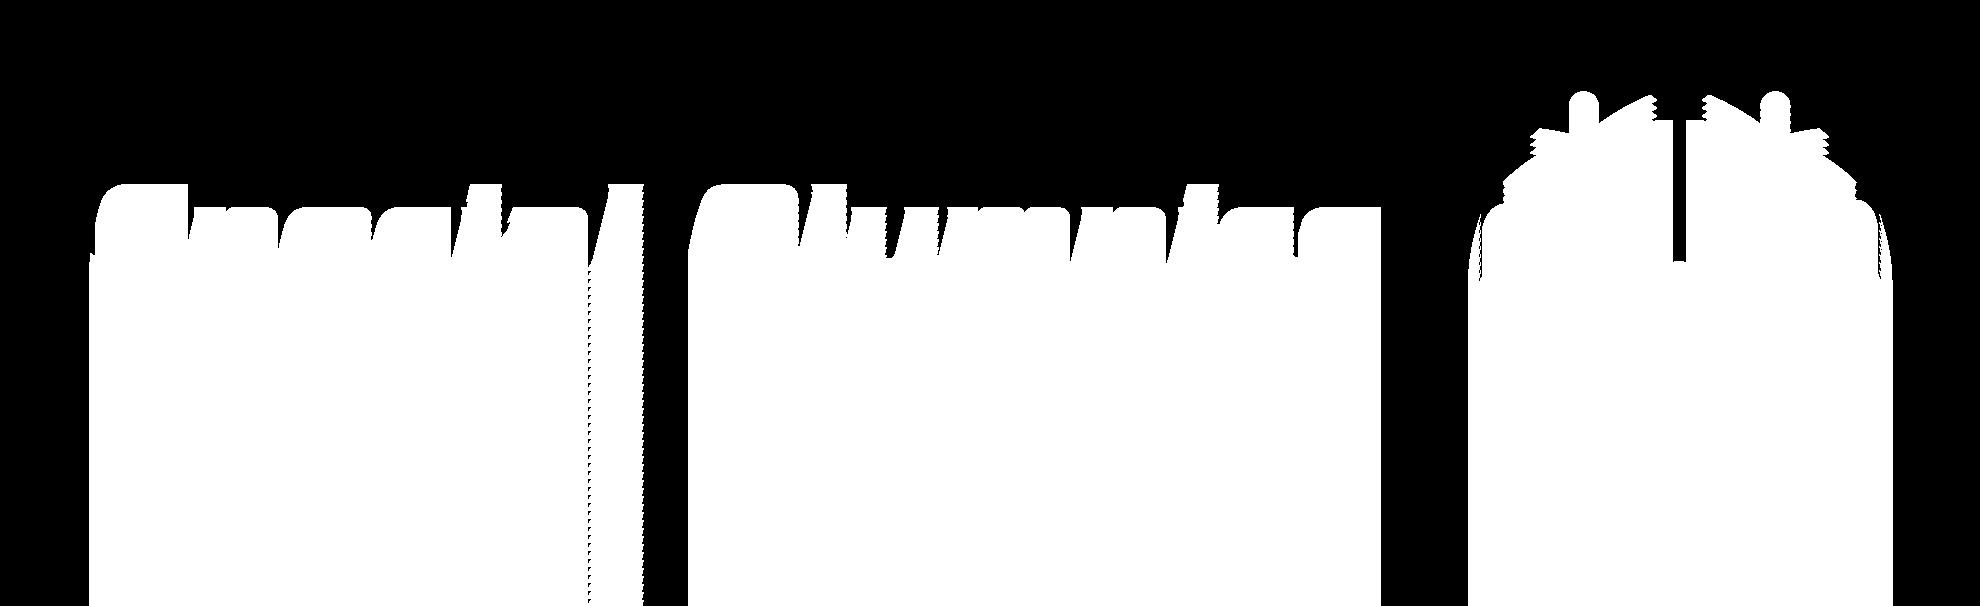 Special Olympics New Mexico